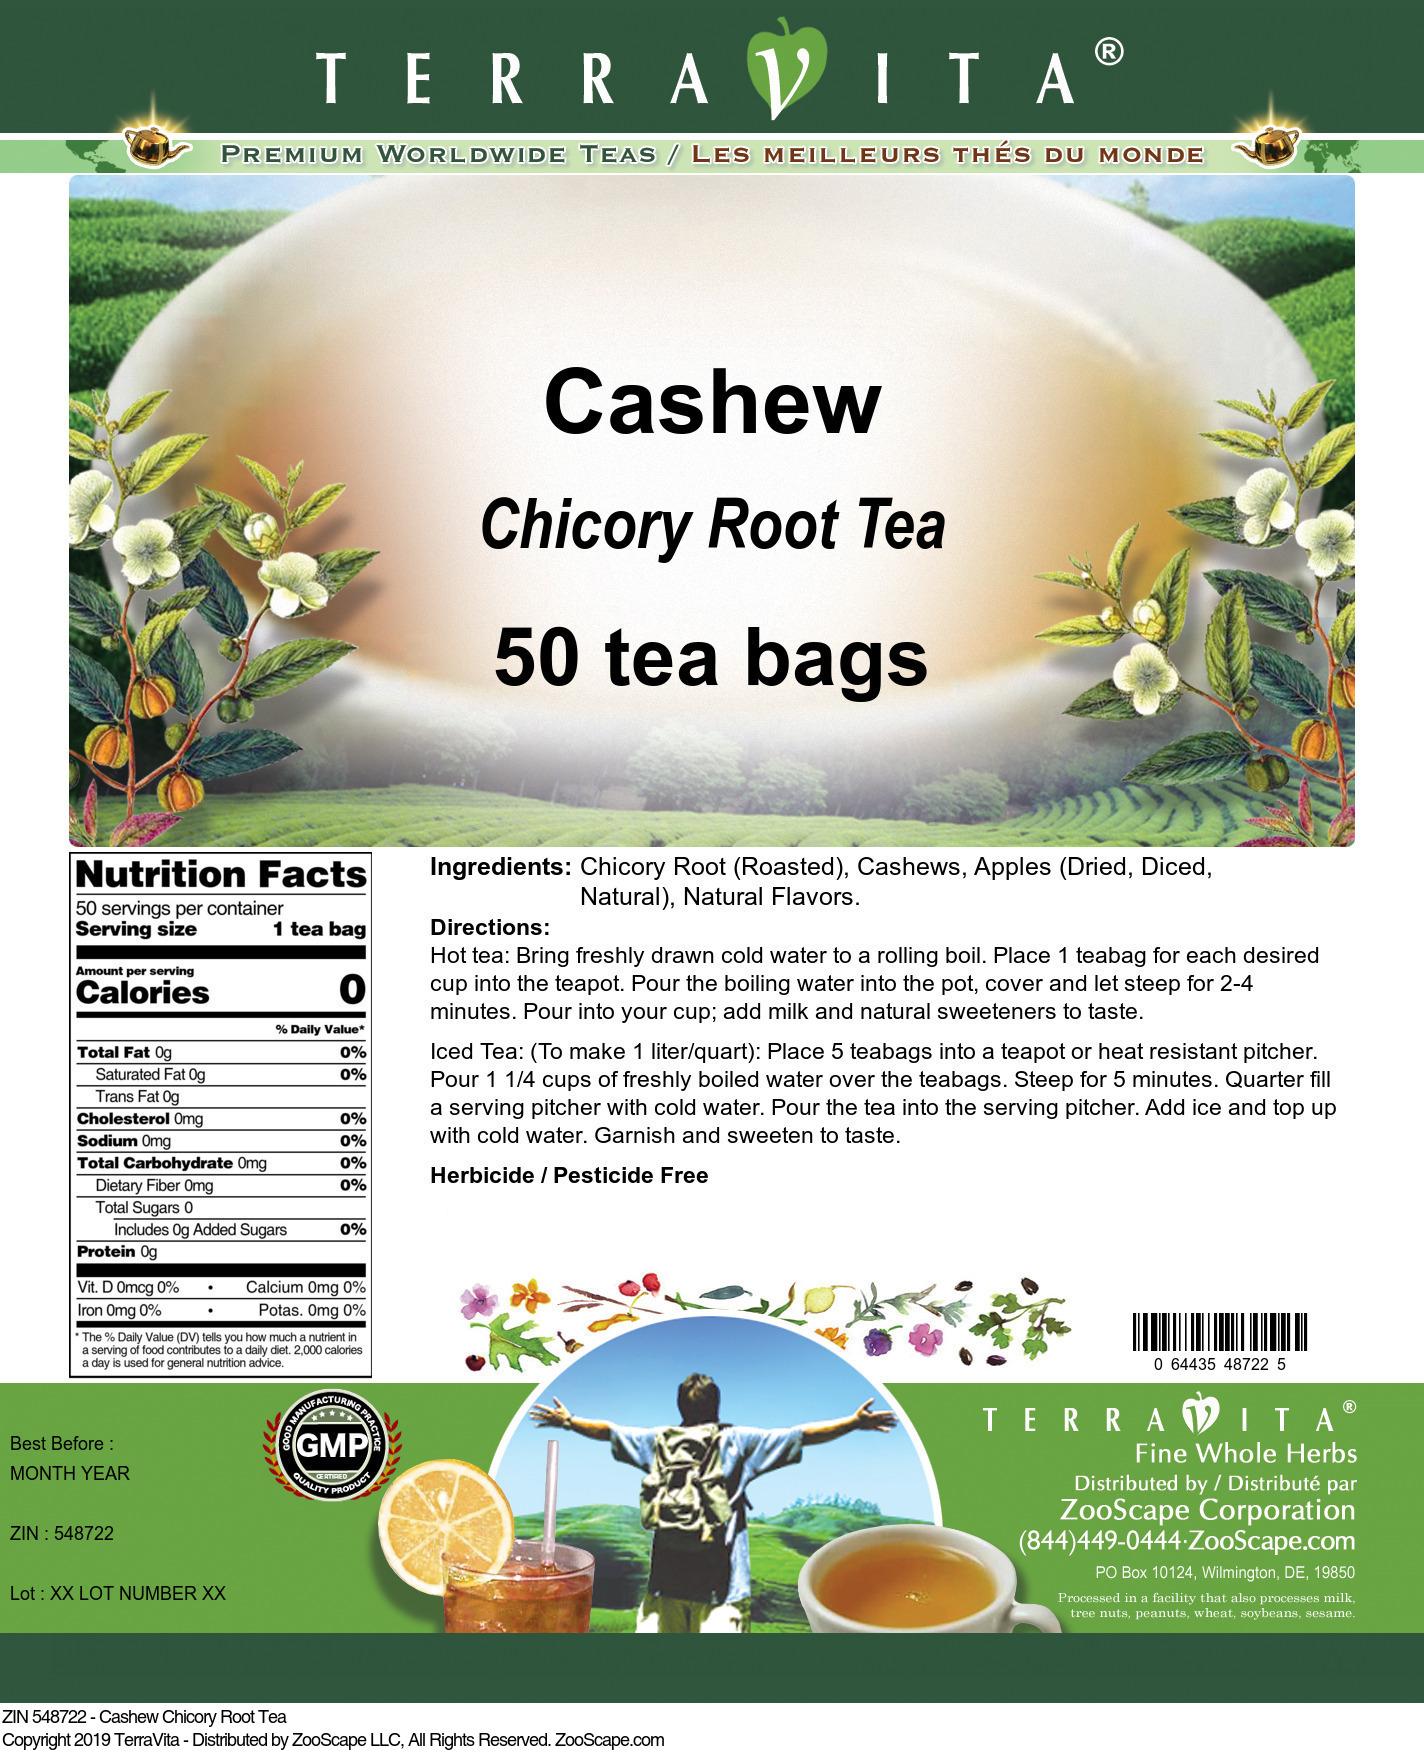 Cashew Chicory Root